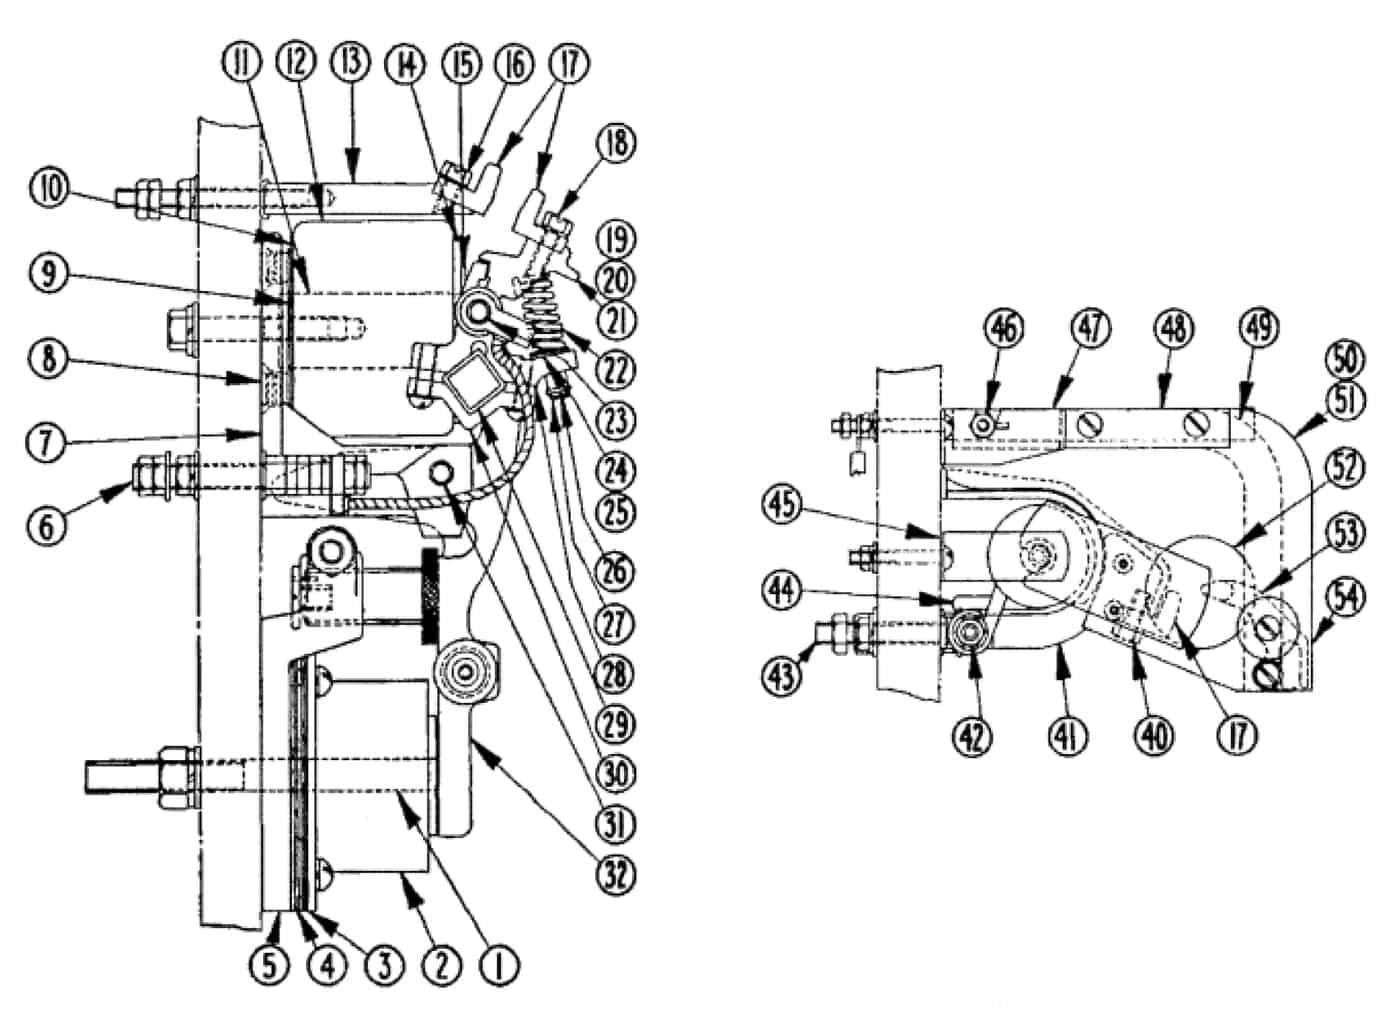 No. 580 100 Amp Double Pole D-C Contactor